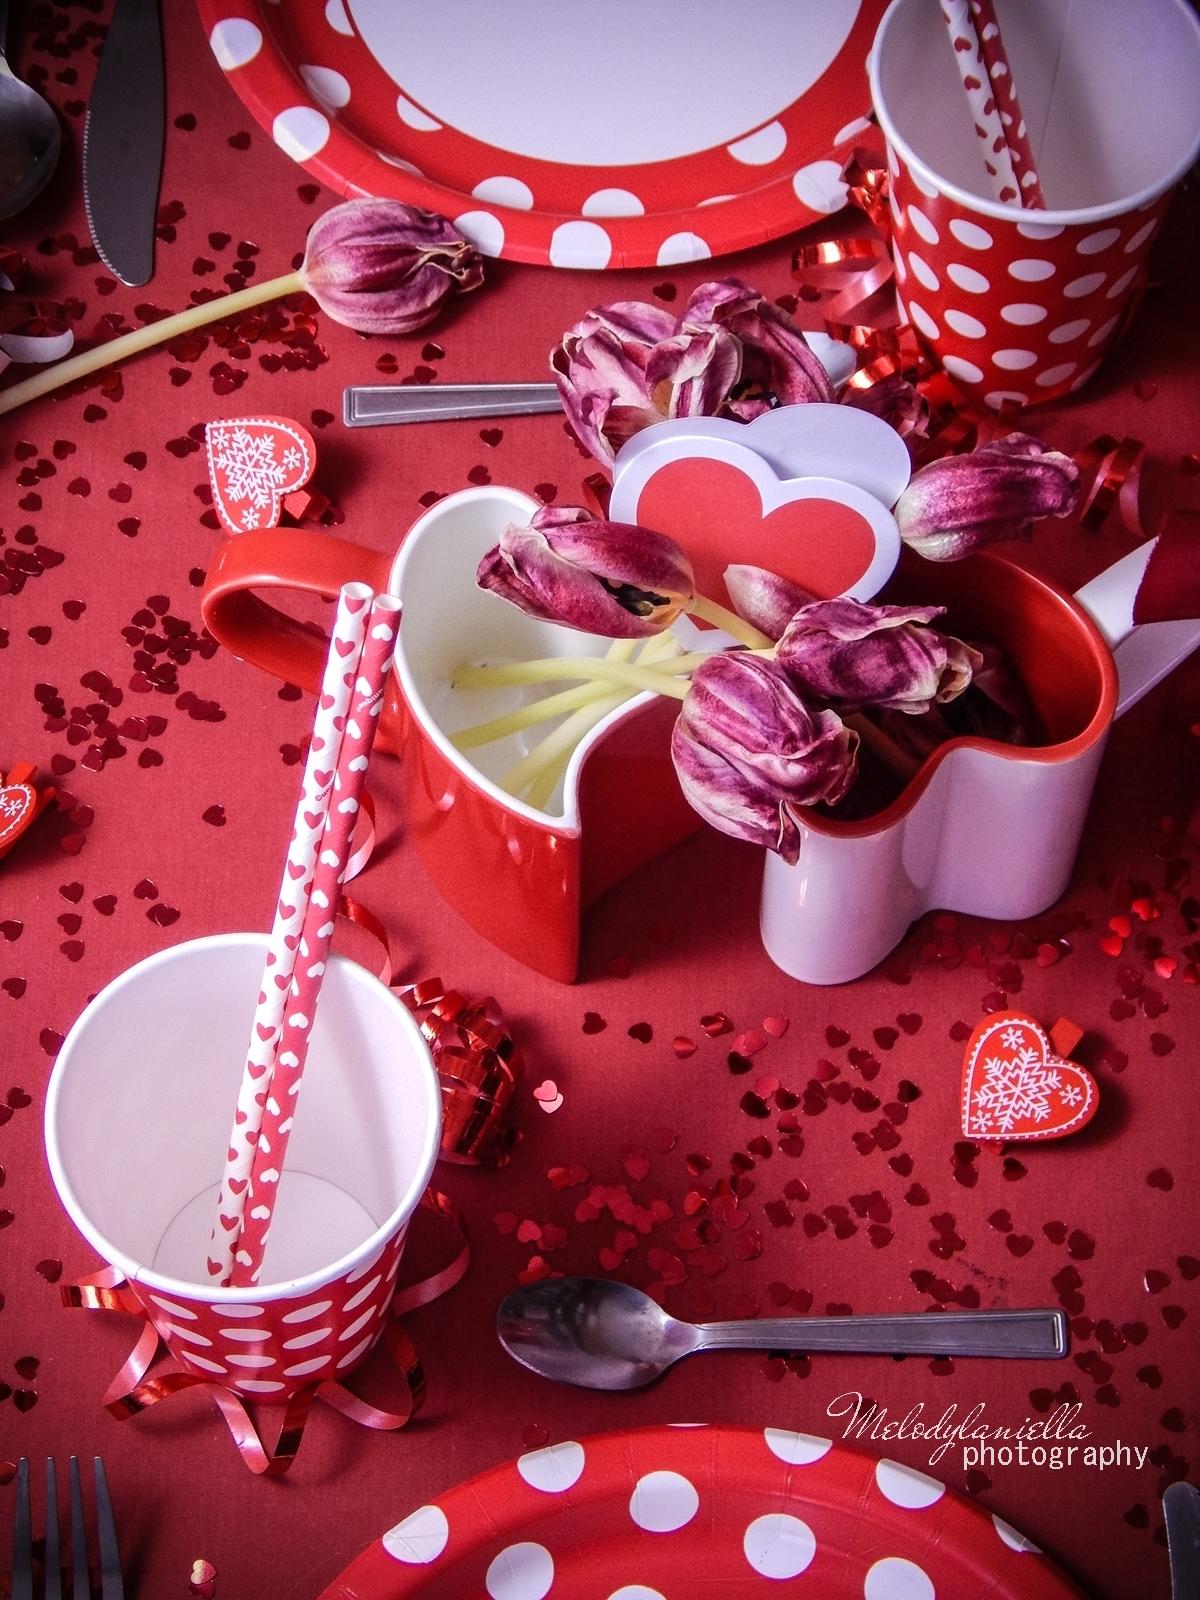 10 jak udekorować stół na walentynki walentynkowa kolacja pomysły na walentynkowe prezenty walentynkowe dekoracje home interior valentines blog melodylaniella partybox red pomysły na prezent